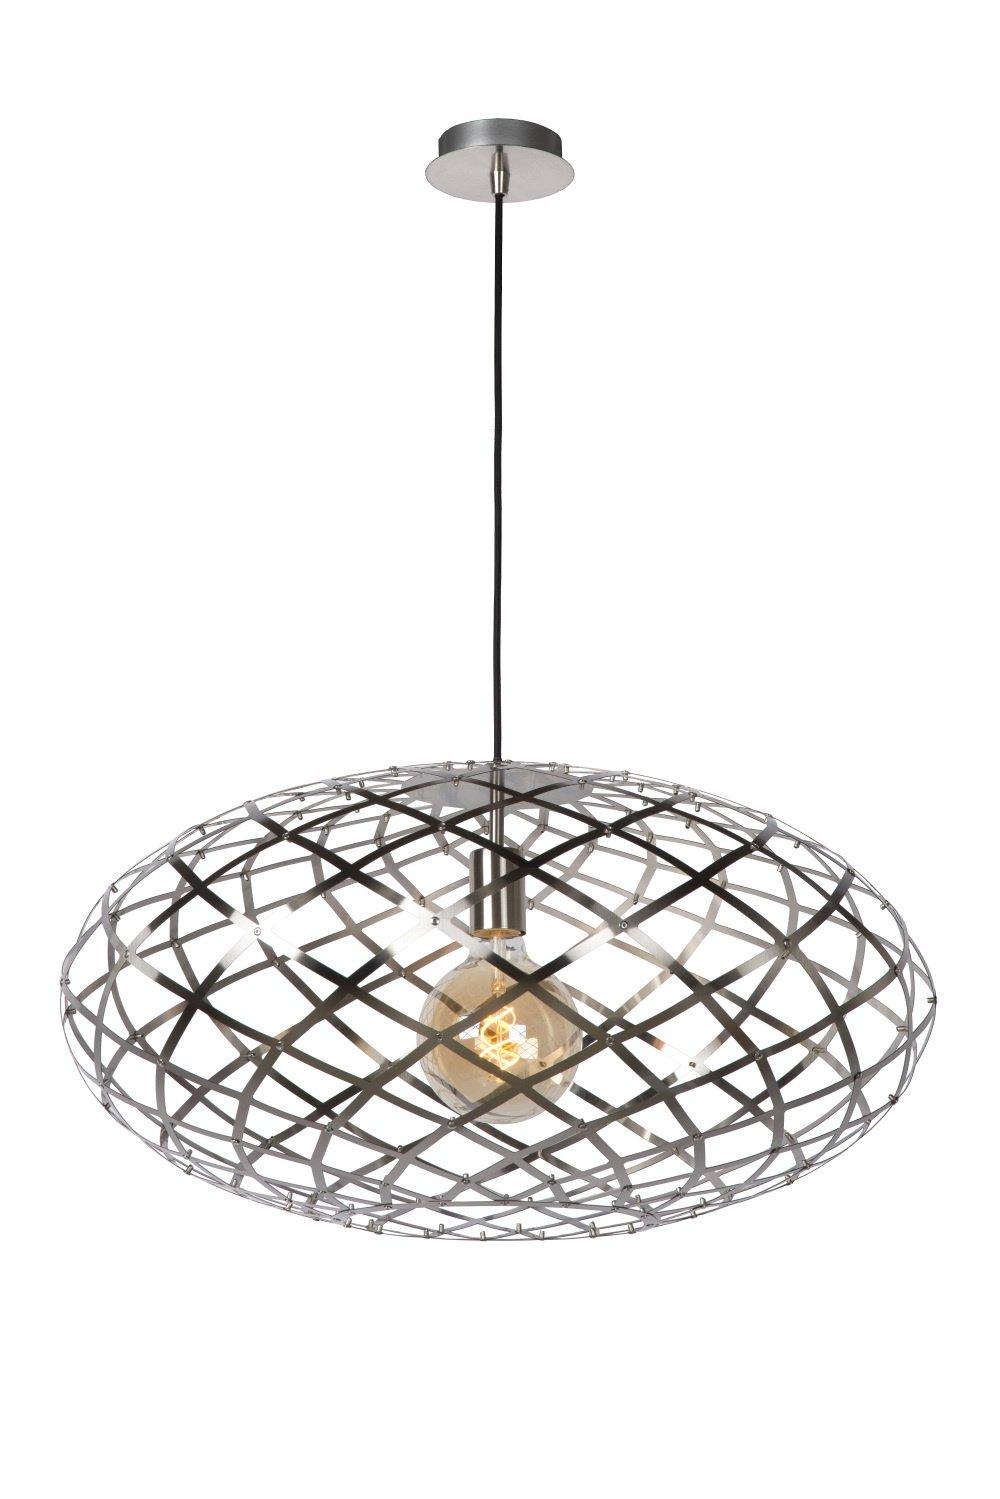 Lucide WOLFRAM Hanglamp-Mat ch.-Ø65-1xE27-60W-Metaal